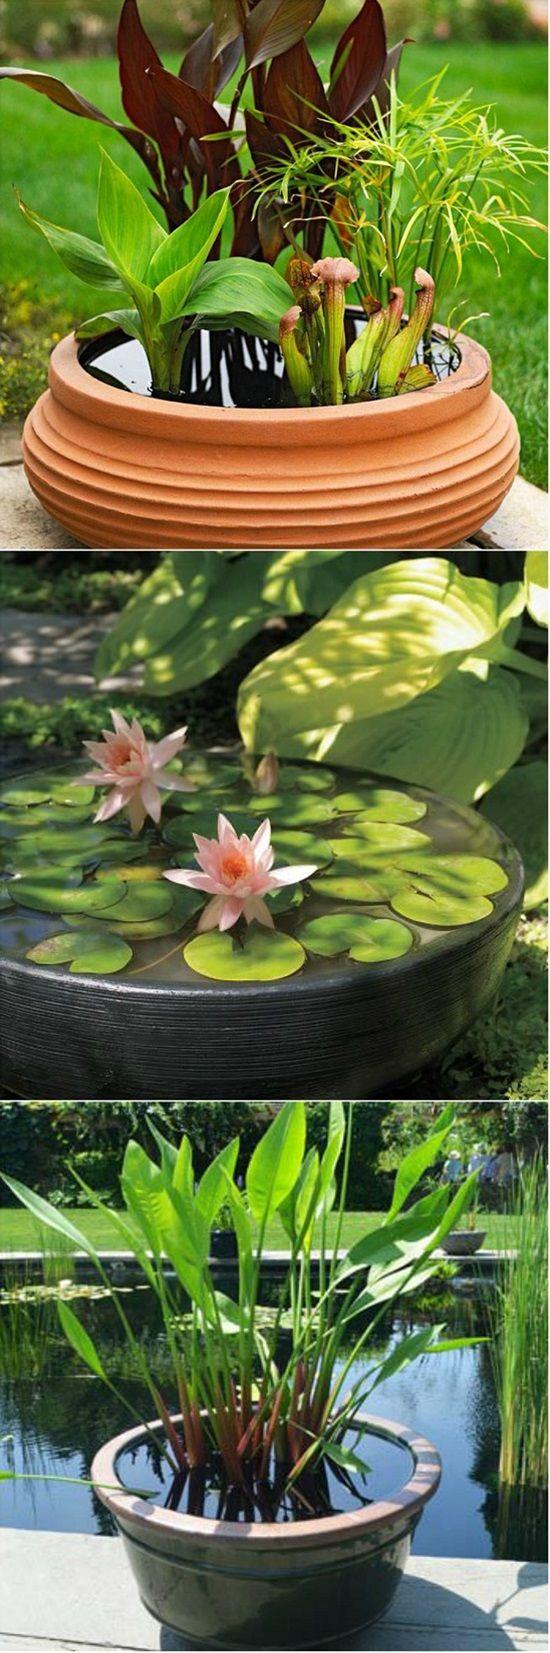 15 diy gardening ideas on budget container water gardens